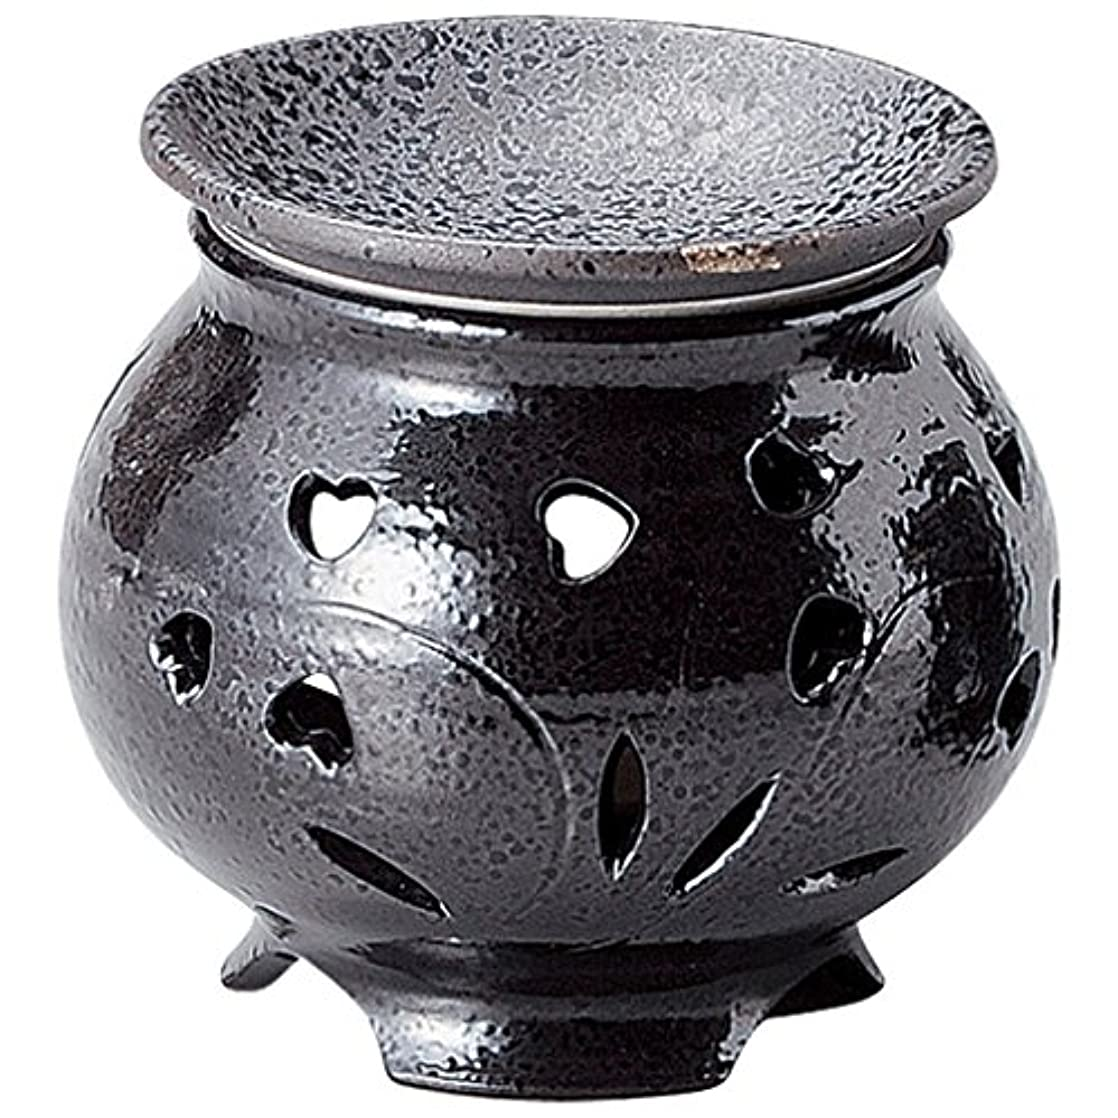 サバント許可する手当山下工芸 常滑焼 富仙黒釉ハート茶香炉 11×10.2×10.2cm 13045600